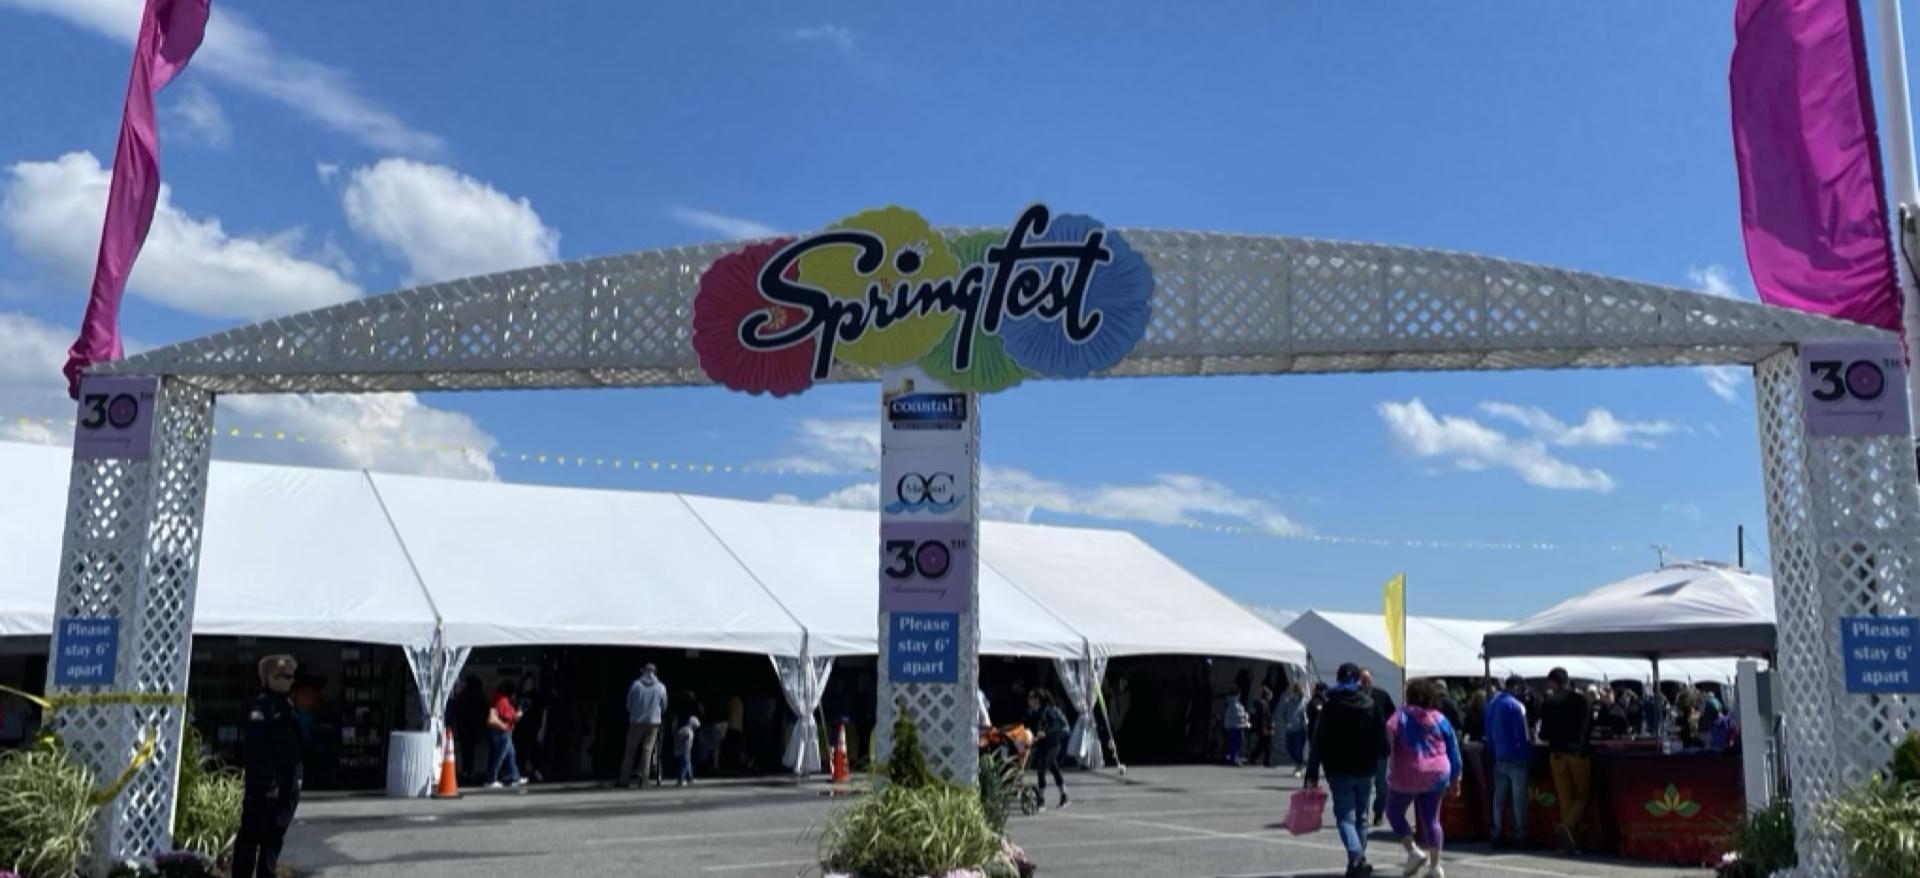 2021 Ocean City Springfest